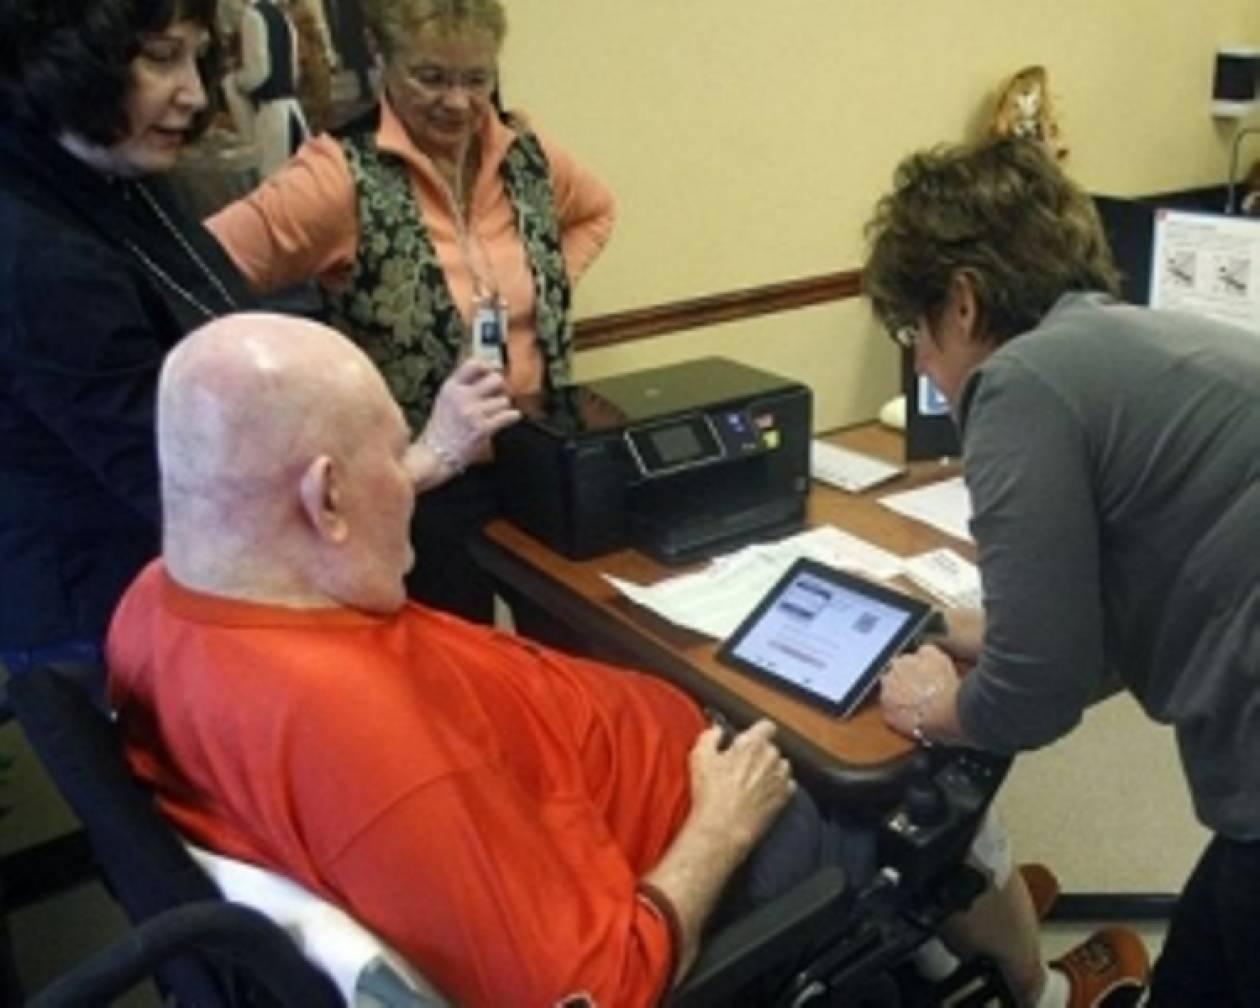 Εκλογές με iPad αντί για ψηφοδέλτια!